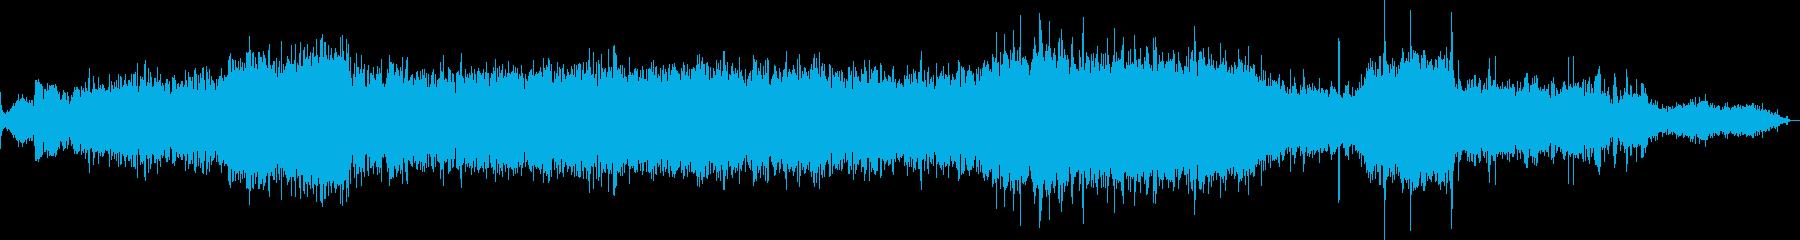 フィアット500バンビーナ:Int...の再生済みの波形